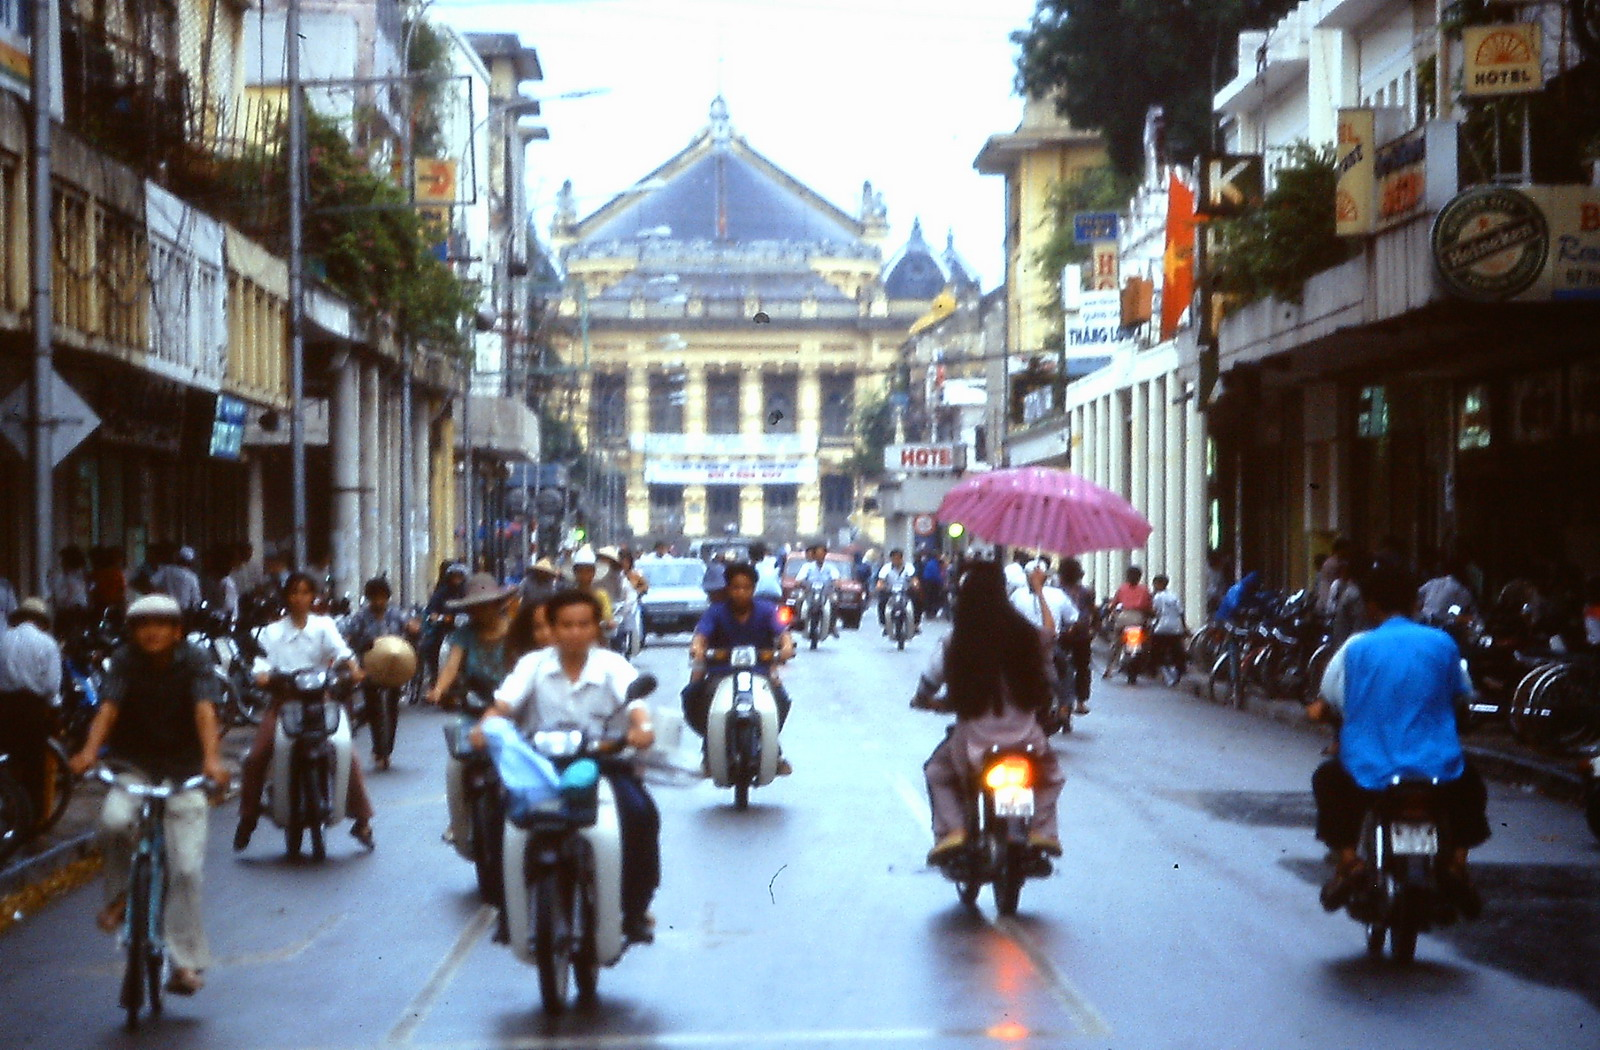 Ba miền Việt Nam năm 1995 qua 80 bức ảnh của Andy Tarica